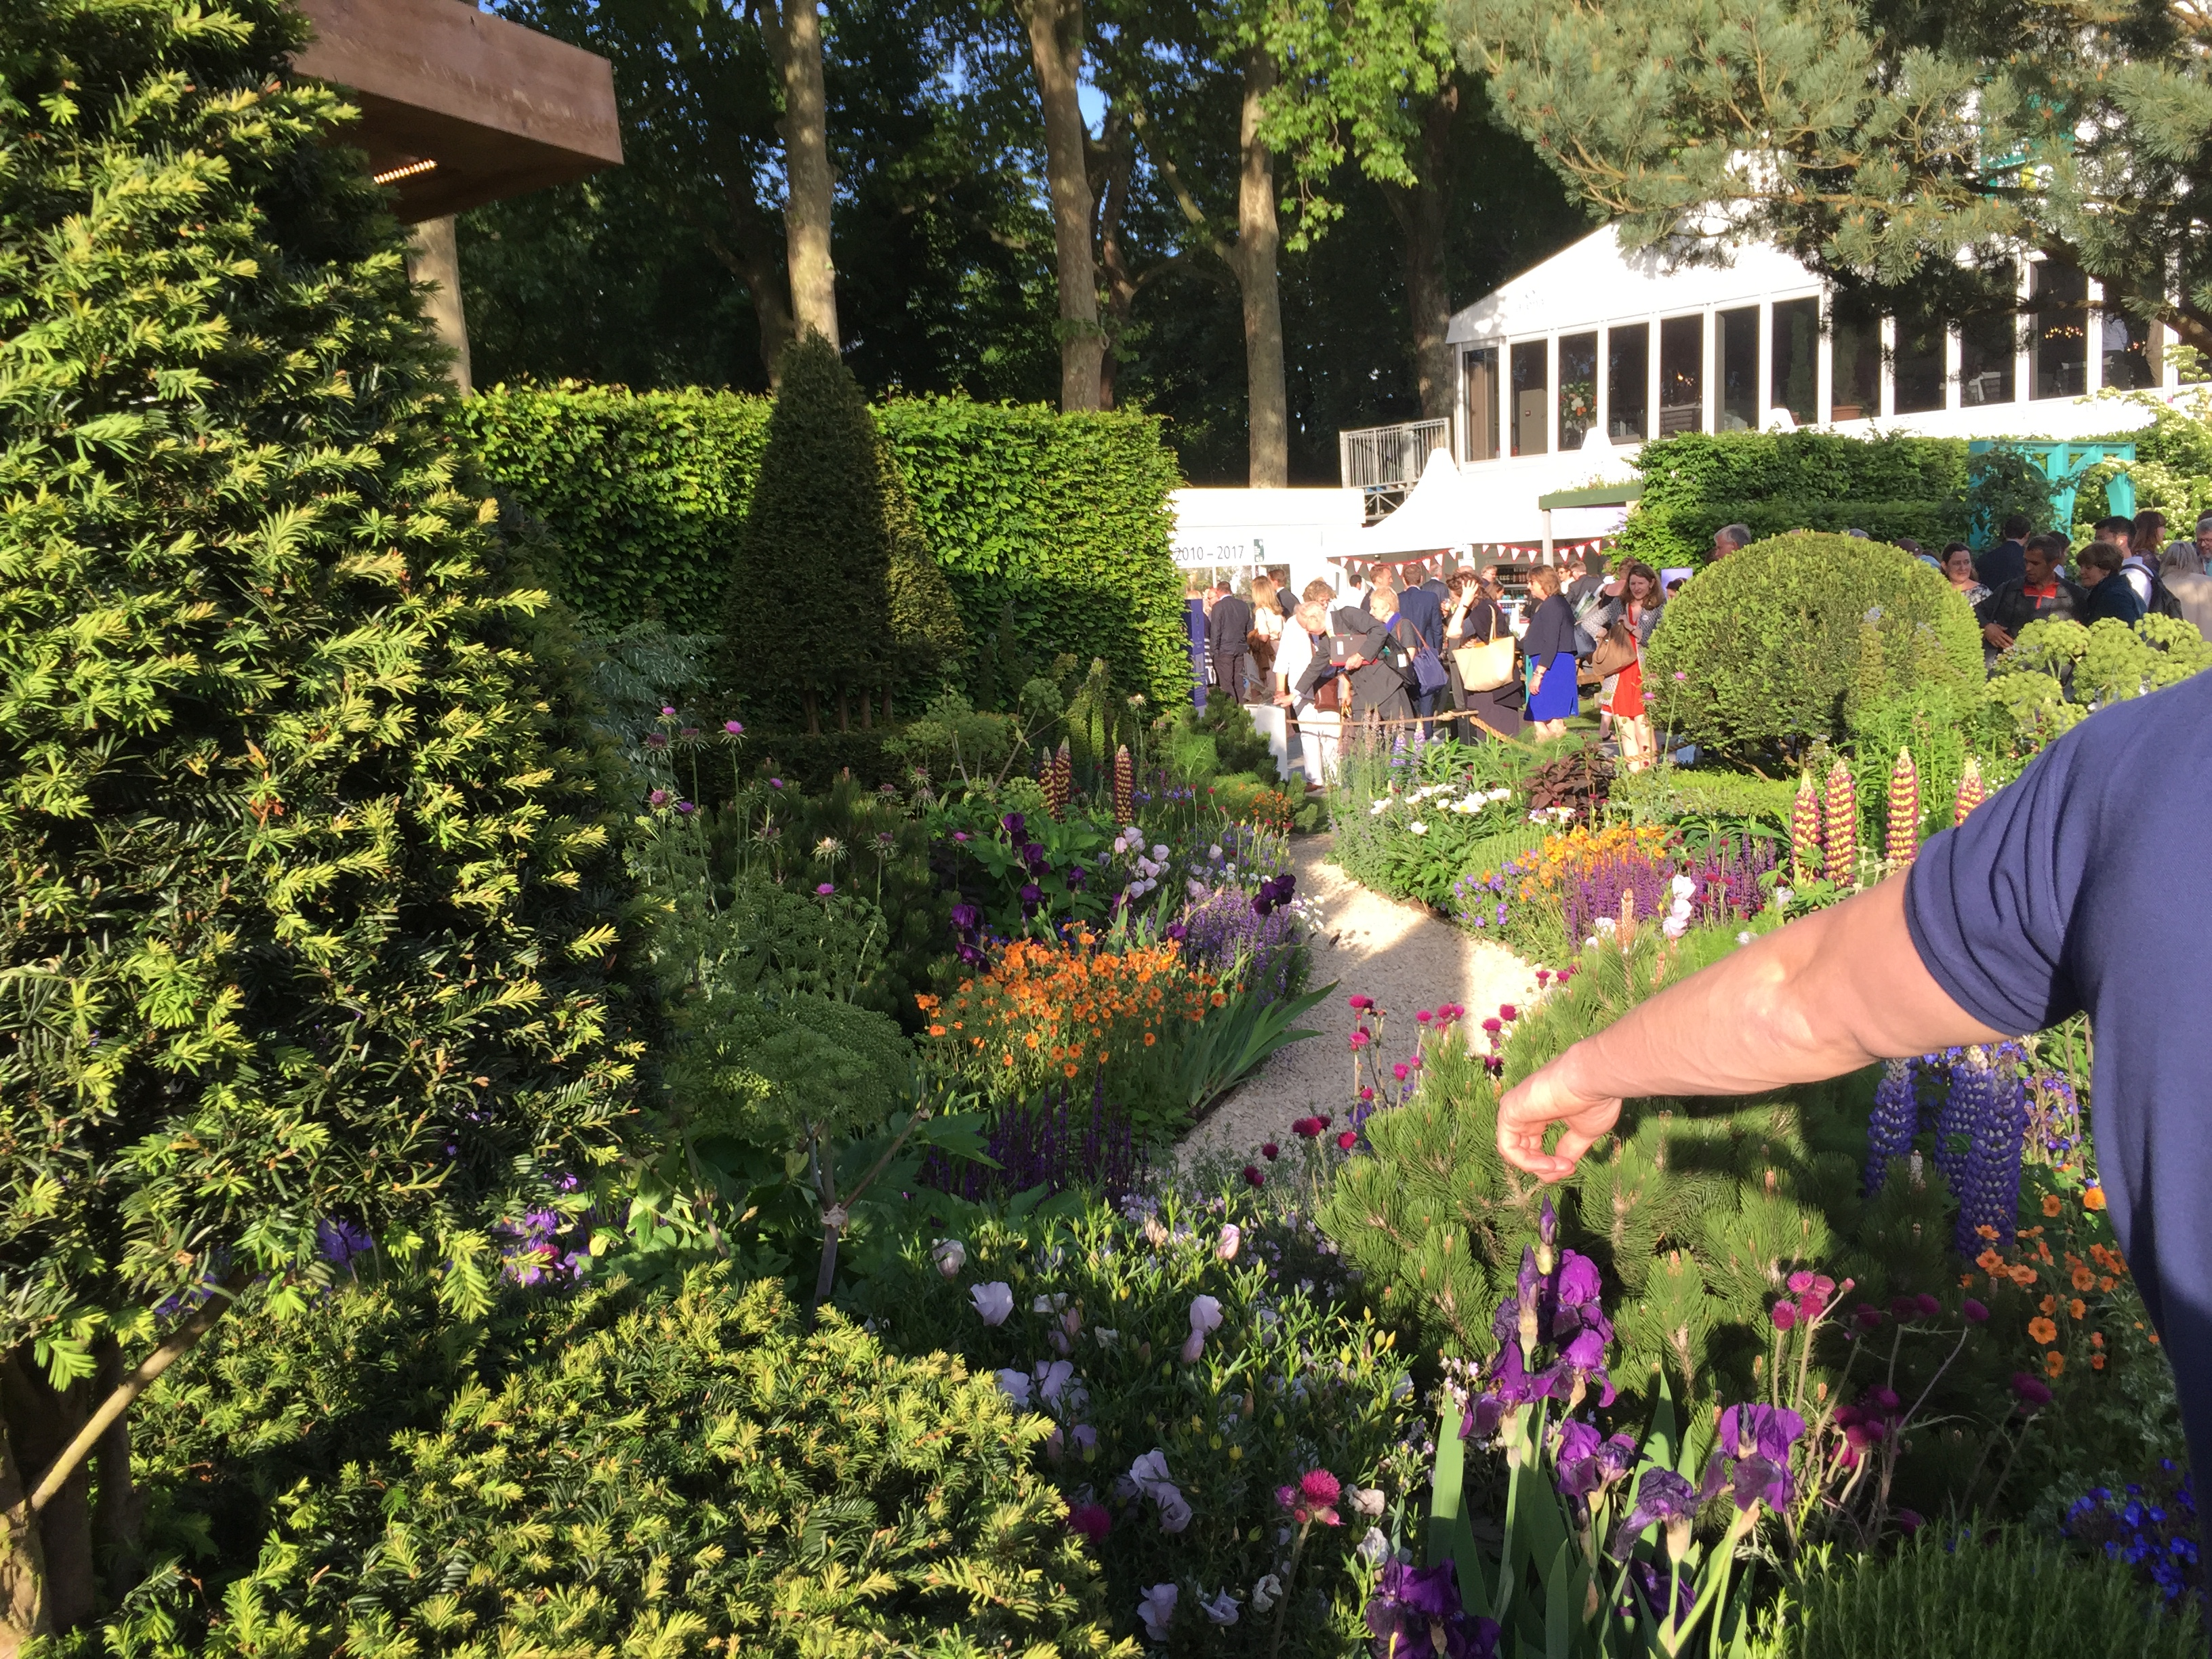 Chelsea flower show london 2017 london garden blog - Chelsea garden show ...